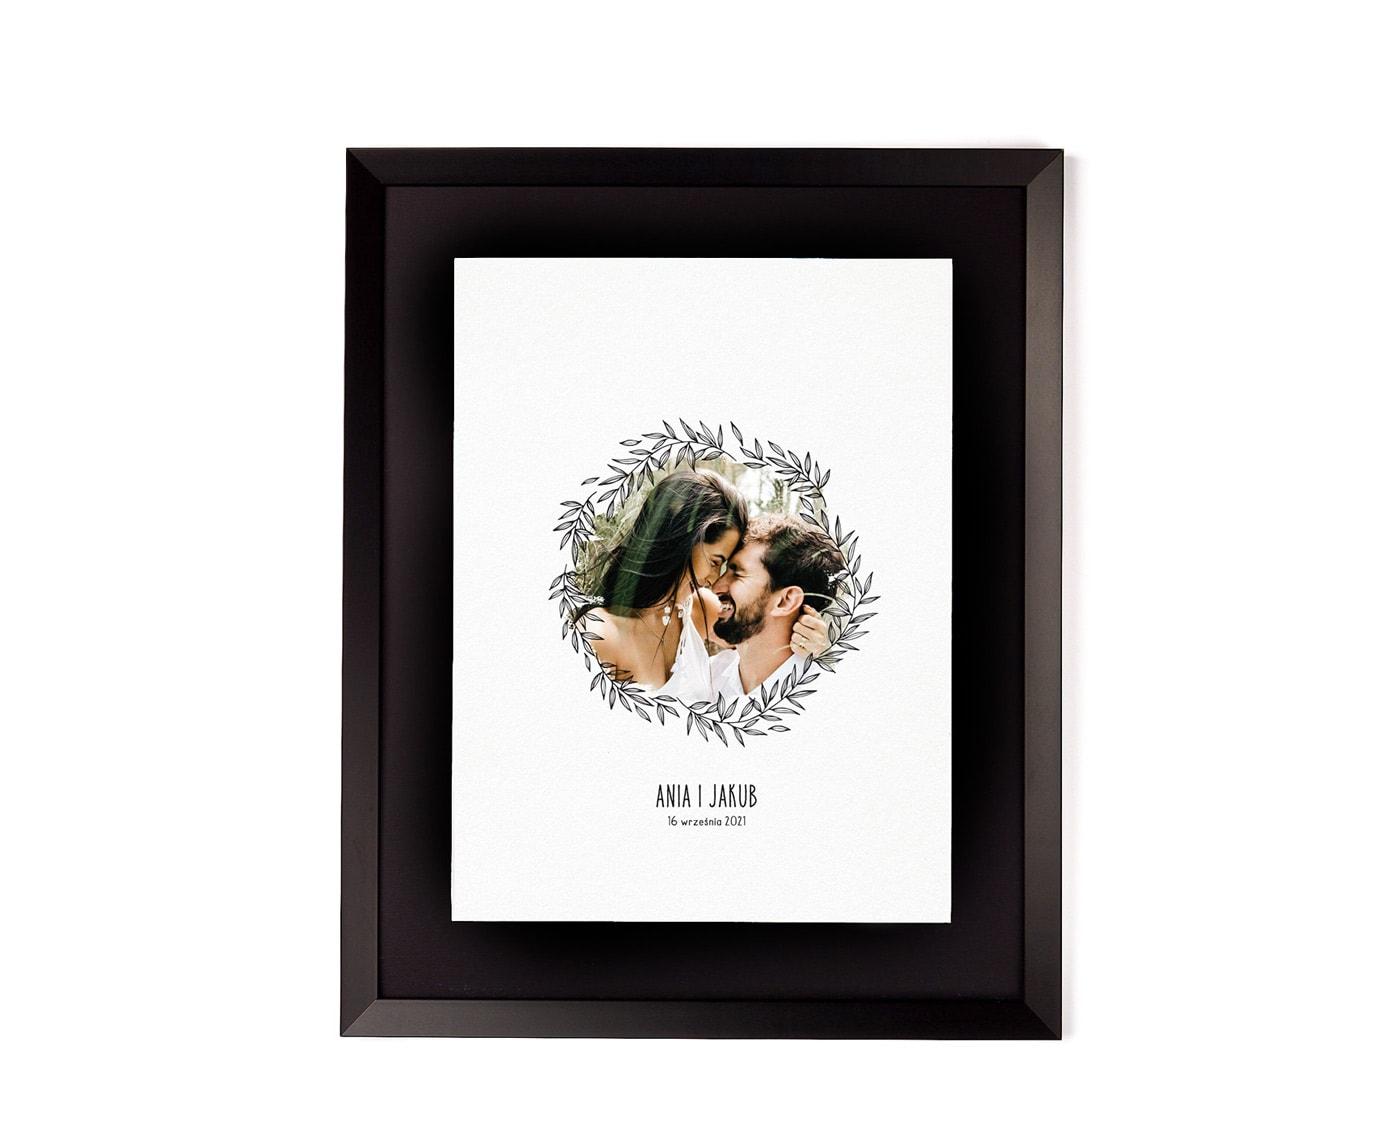 tablica powitalna w stylu boho ze zdjęciem pary młodej